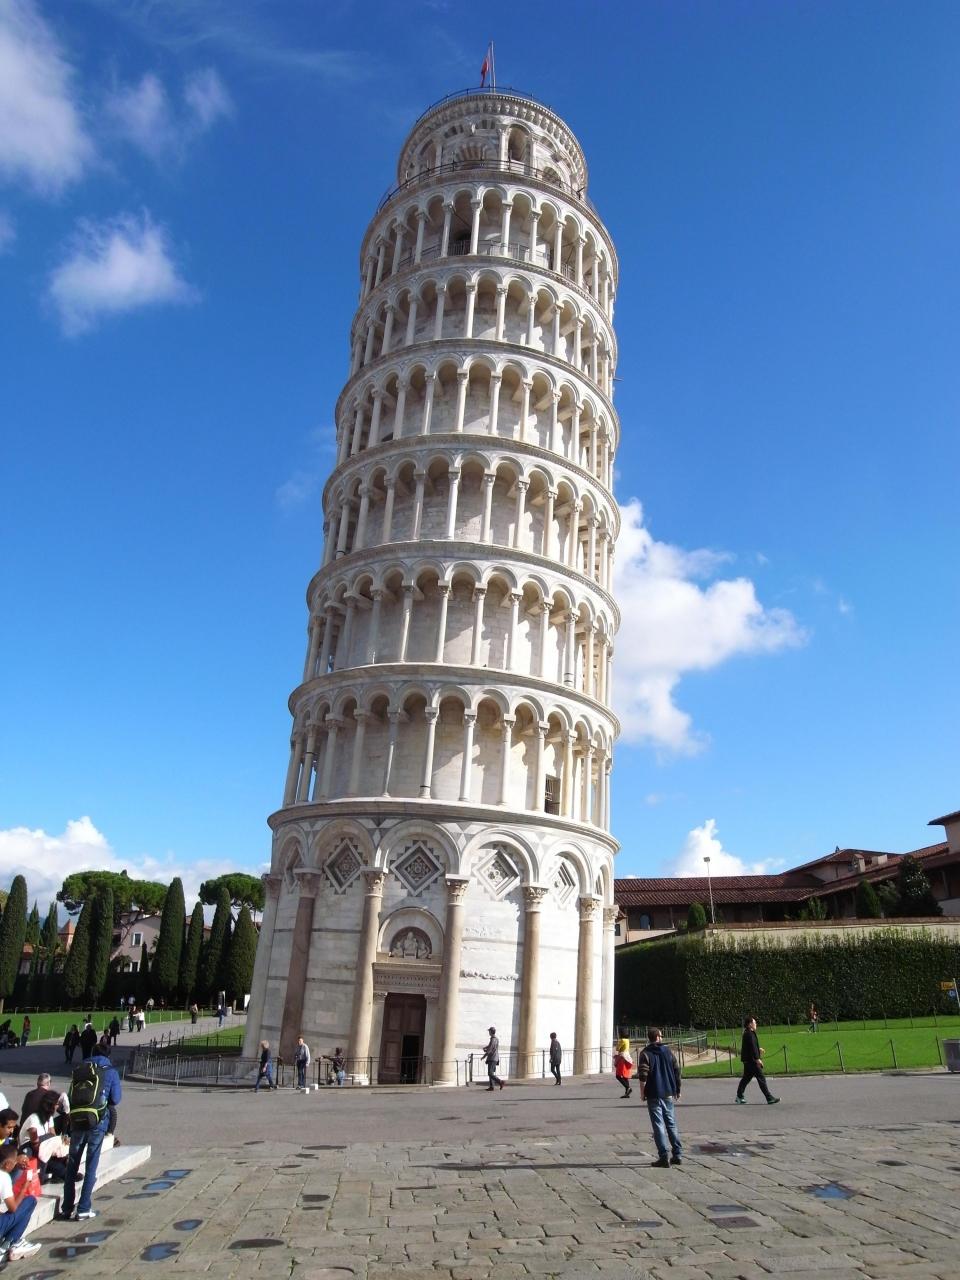 ピサの斜塔の画像 p1_6